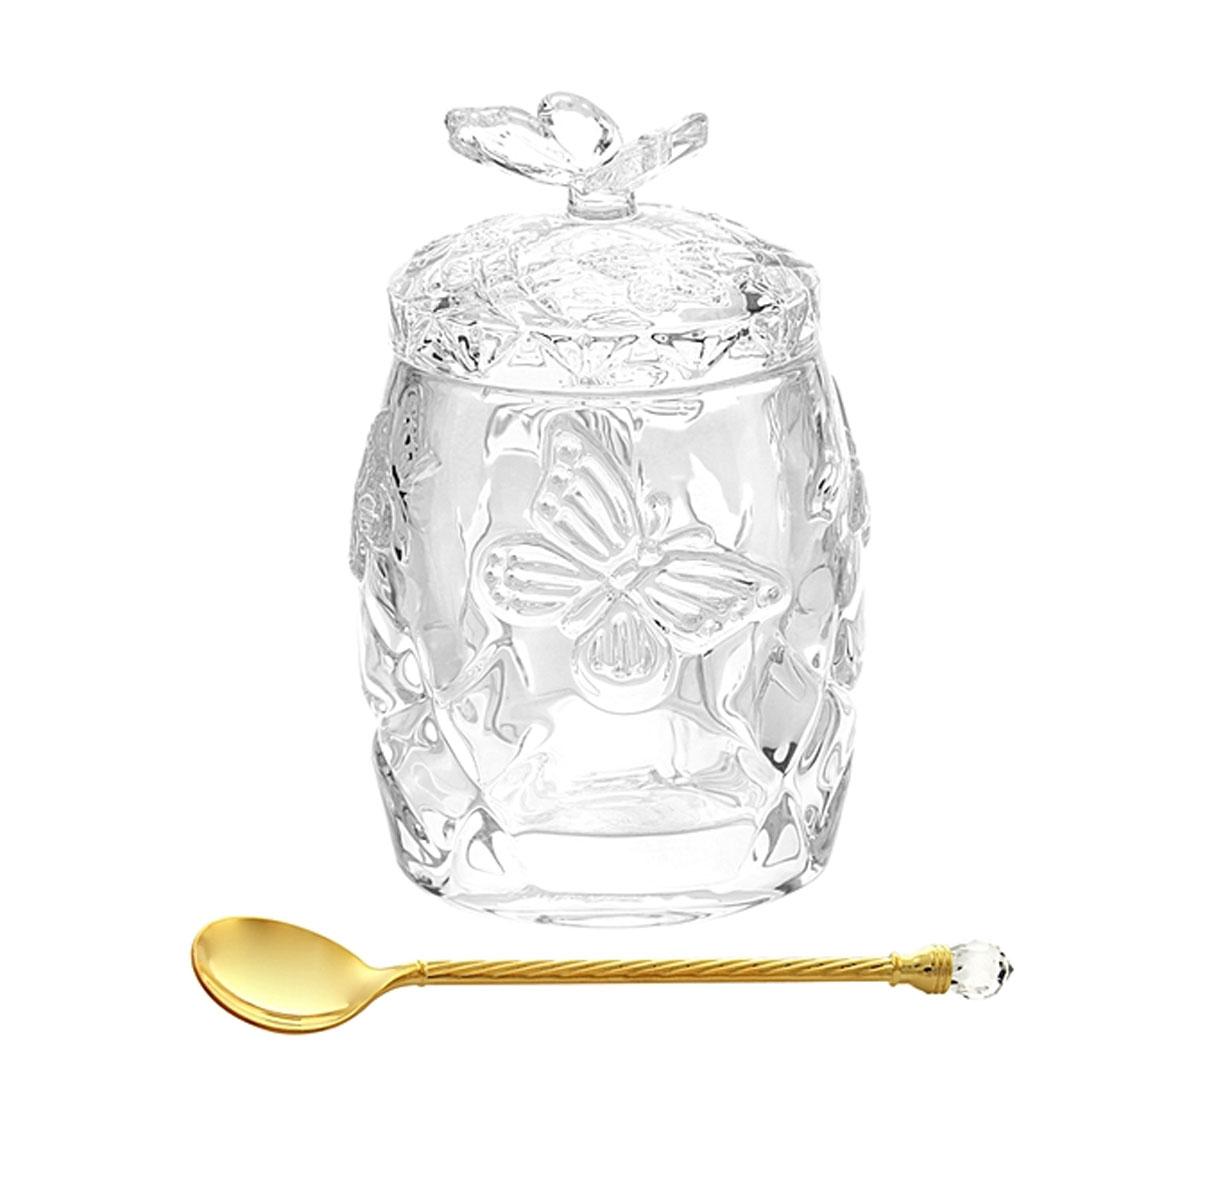 Горшочек для меда Elan Gallery Бабочки, с ложкой, 130 мл115510Горшочек для меда Elan Gallery Бабочки изготовлен из прочного прозрачного стекла. Изделие предназначено для хранения меда, варенья, джема или орехов. В комплекте предусмотрена специальная ложечка, которой очень удобно доставать варенье.Такой горшочек станет незаменимым аксессуаром на любой кухне.Диаметр (по верхнему краю): 5,5 см. Высота горшочка (с учетом крышкой): 11 см. Длина ложечки: 11 см.